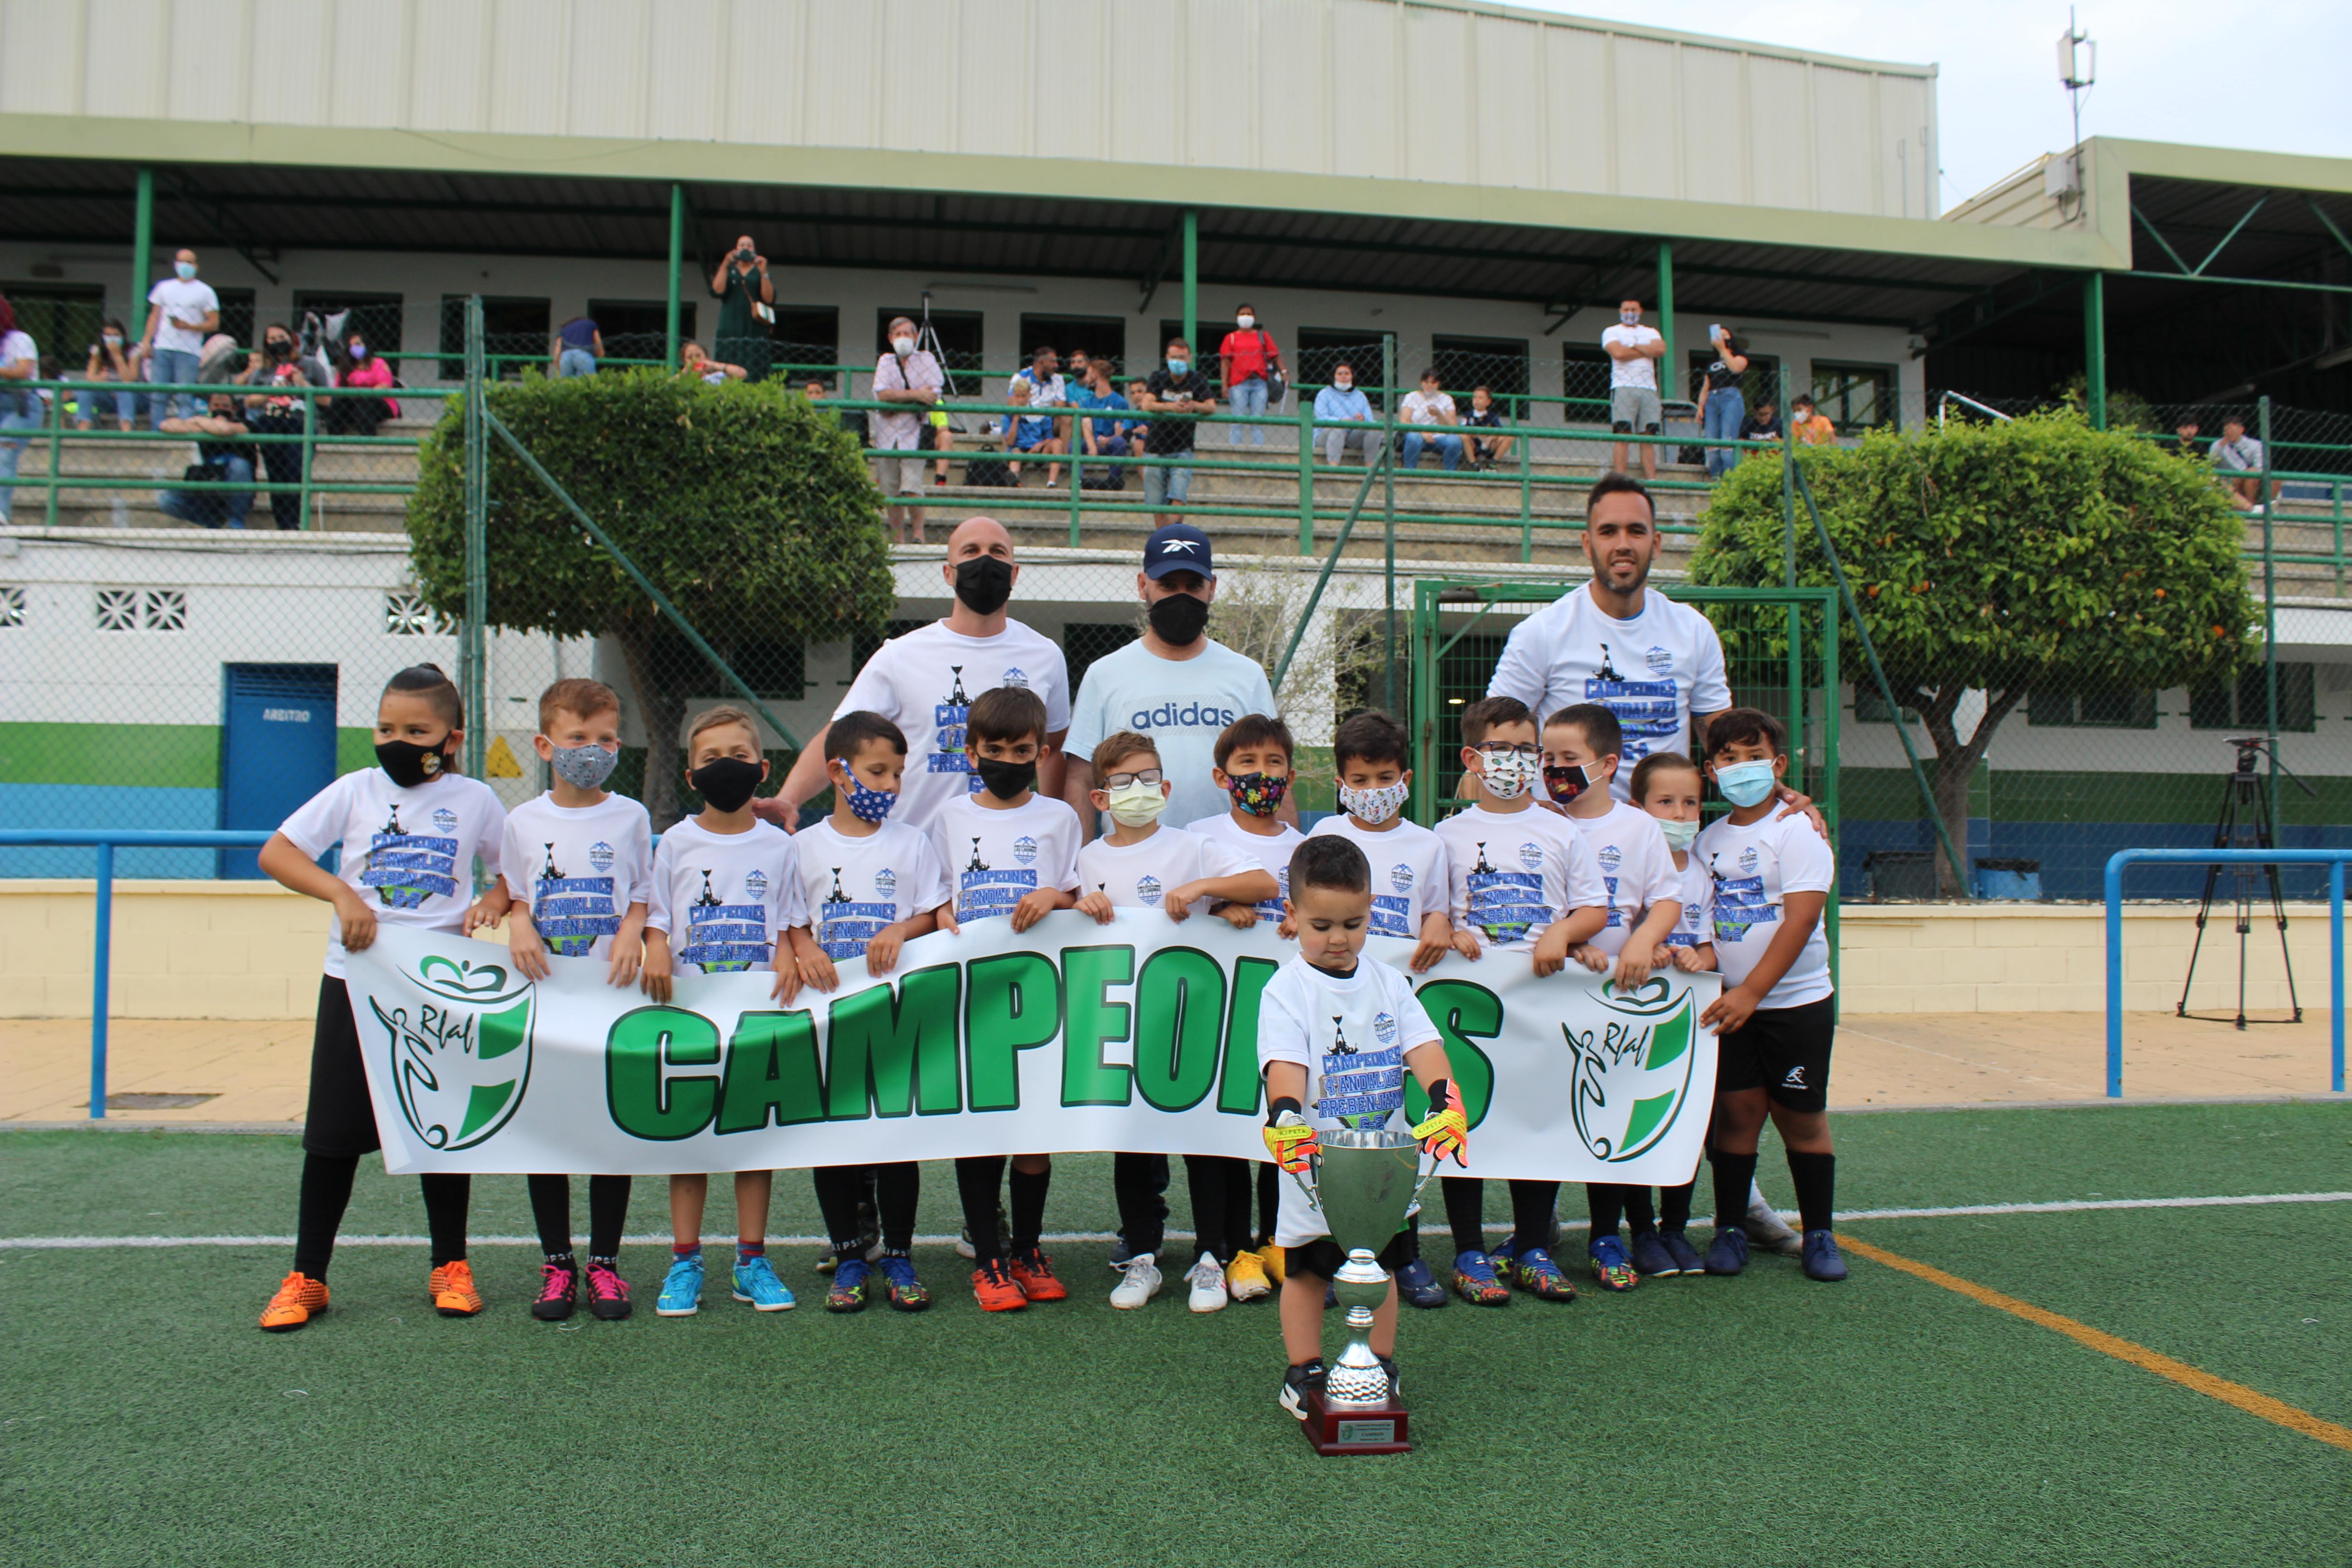 El Club Polideportivo Mijas-Las Lagunas, campeón de la 4ª Andaluza